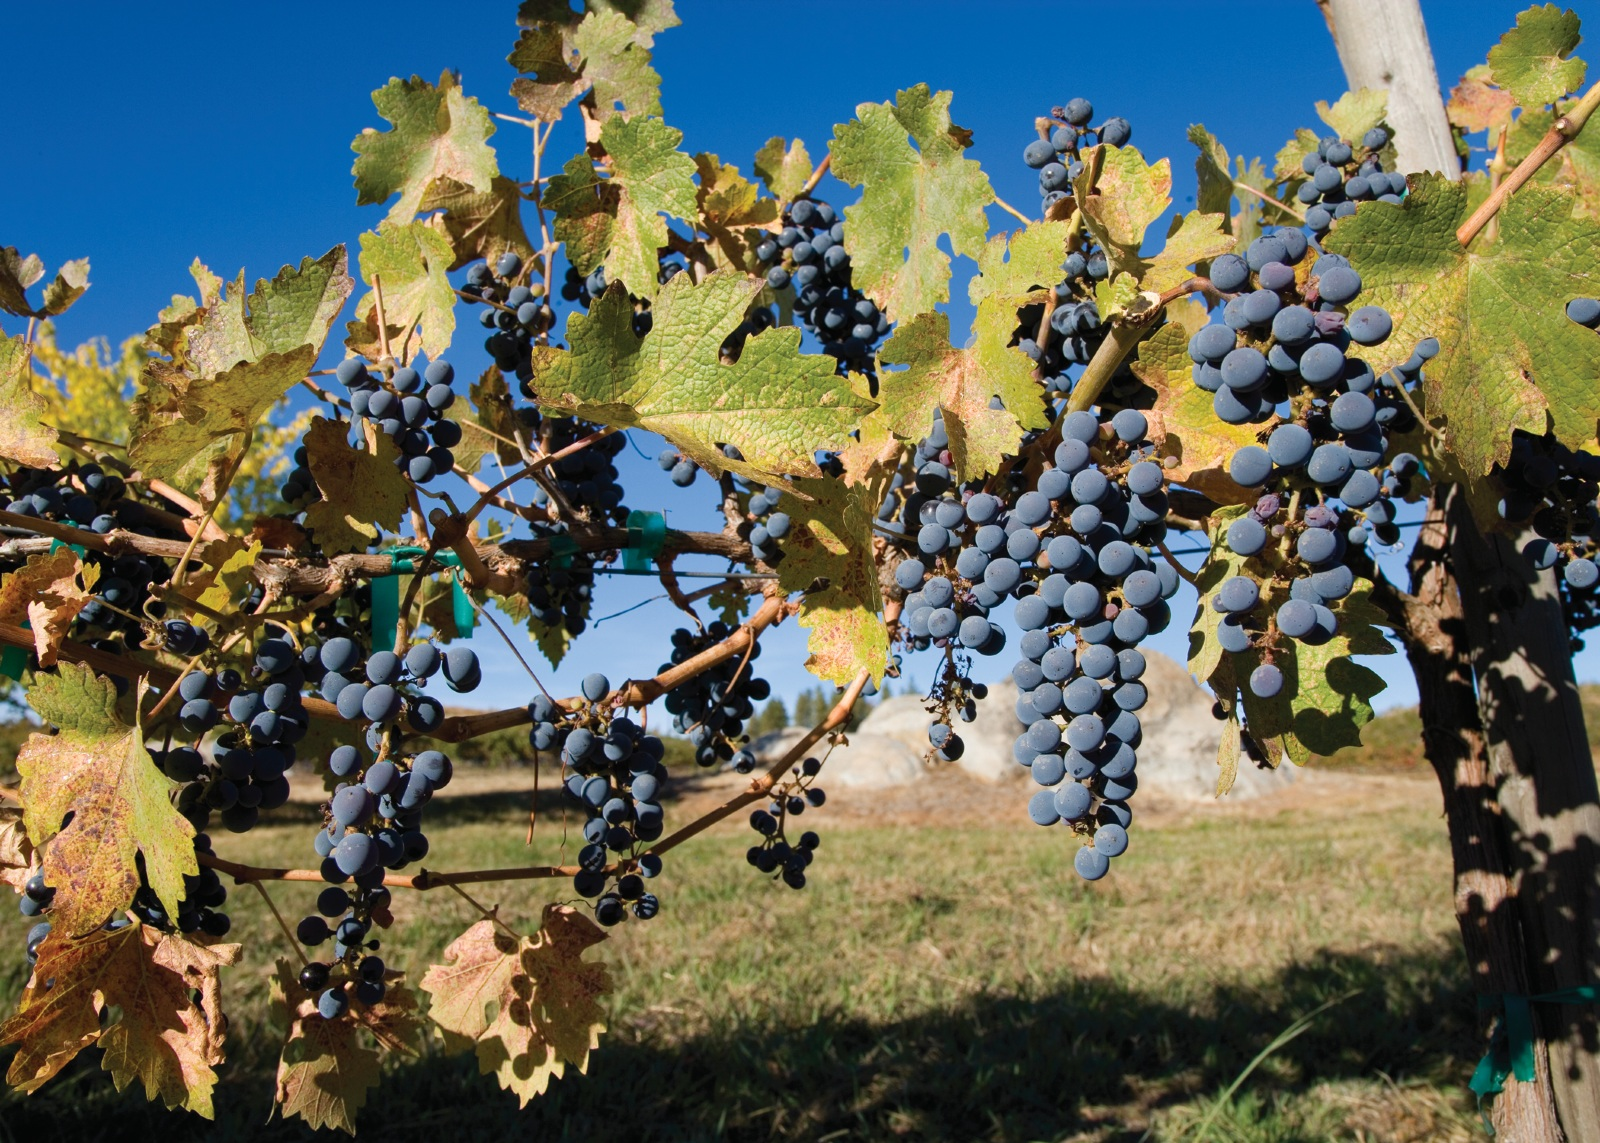 Vineyards in El Dorado County, California.